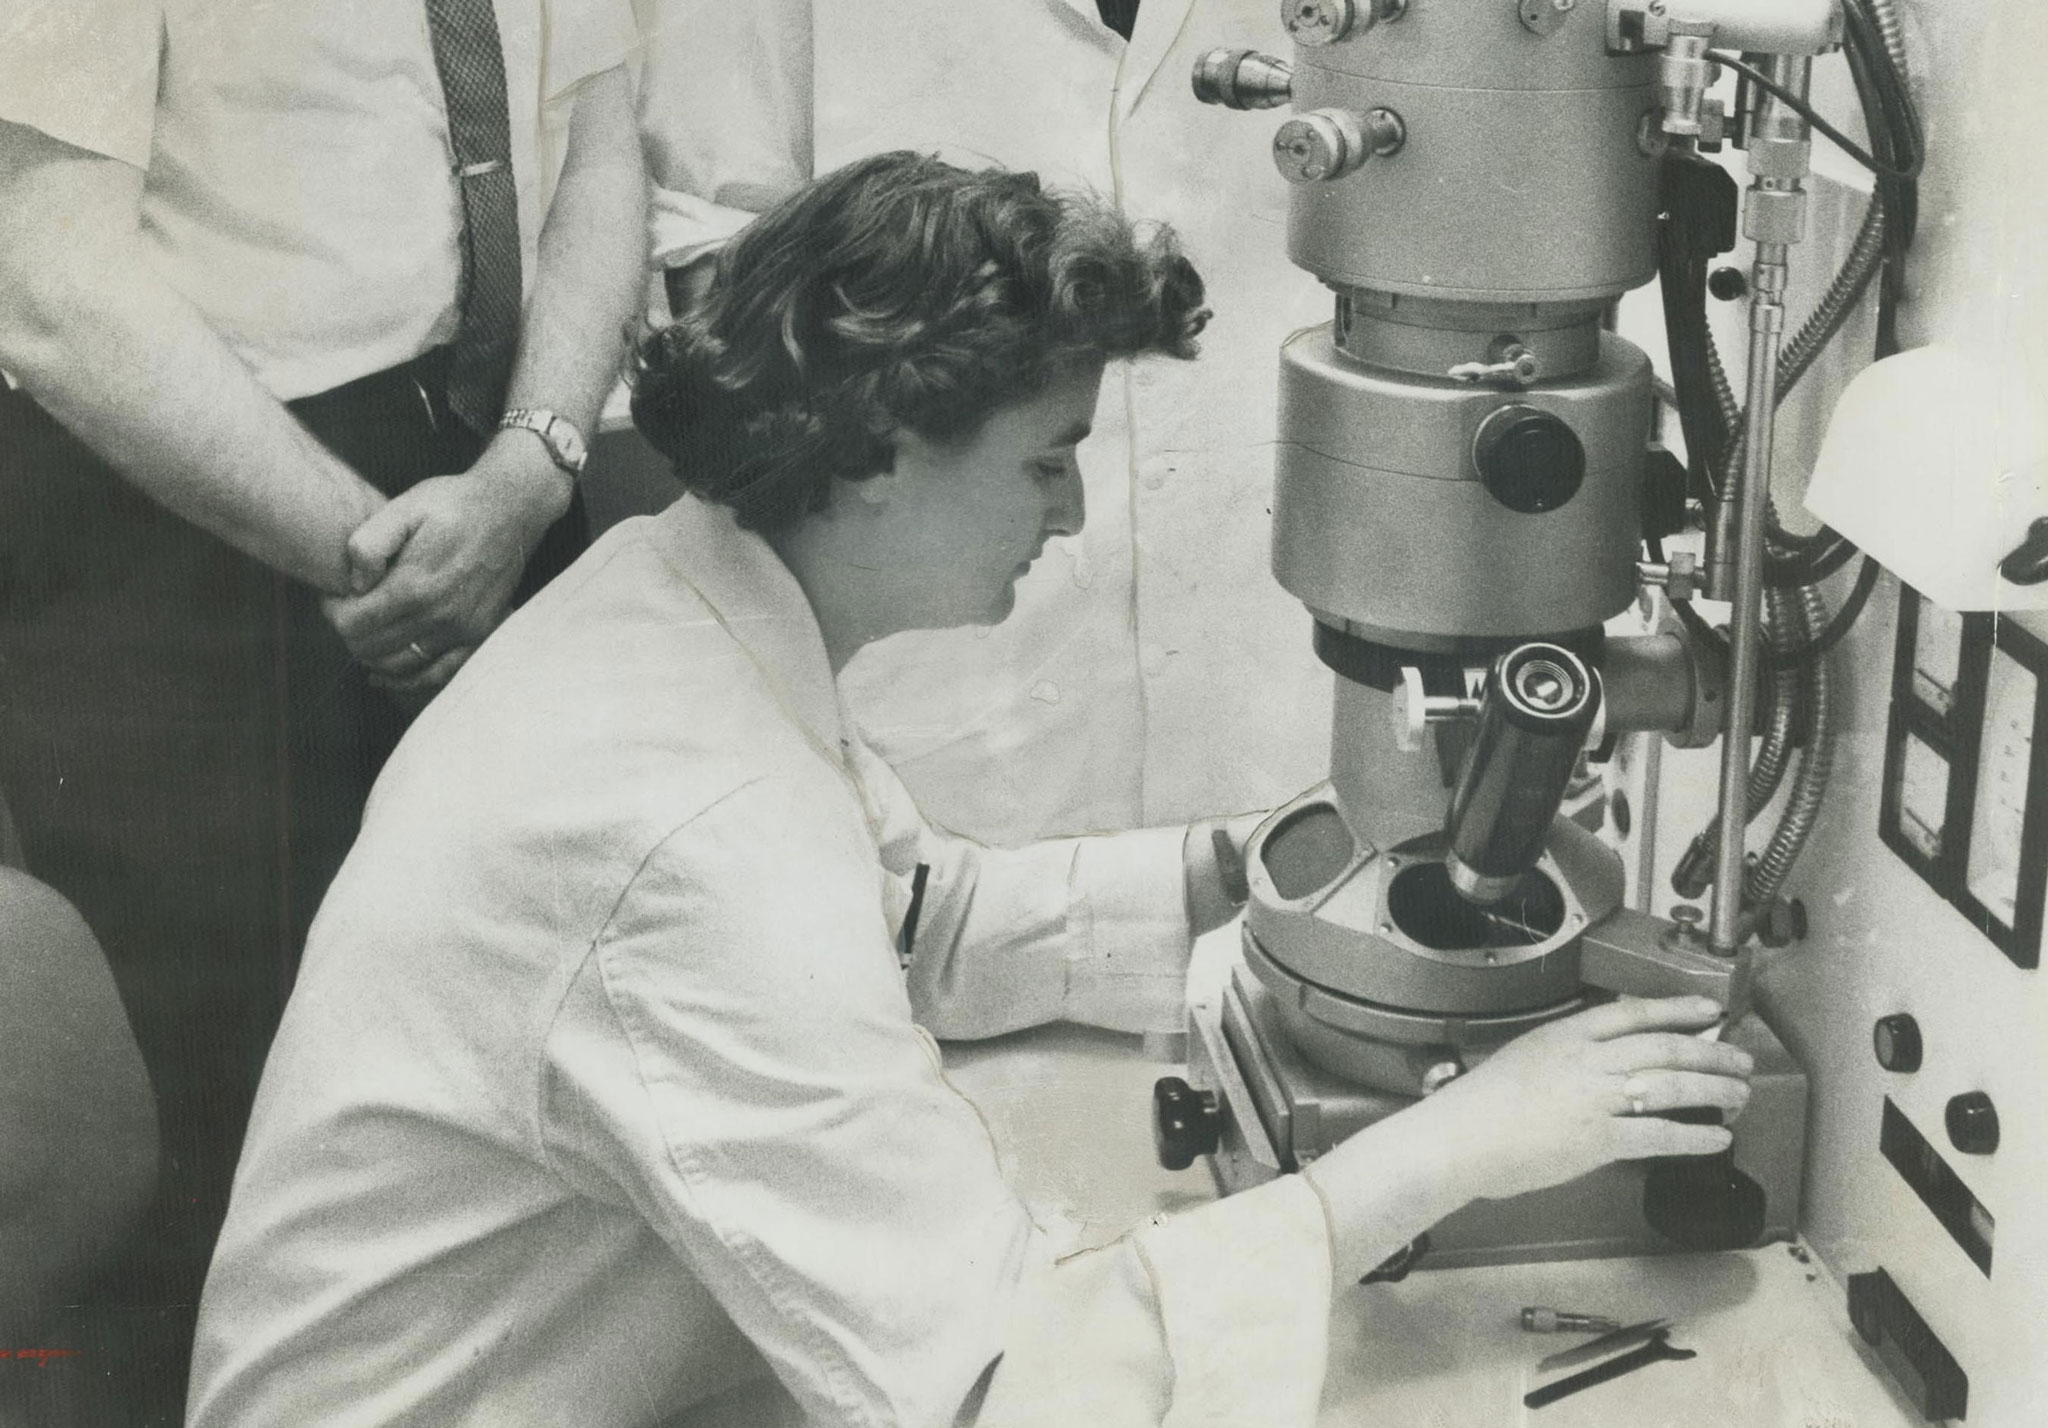 June Almeida quan sát mẫu vật bằng kính hiển vi điện tử tại Viện nghiên cứu Ung thư Ontario, Toronto. Ảnh: Norman James.